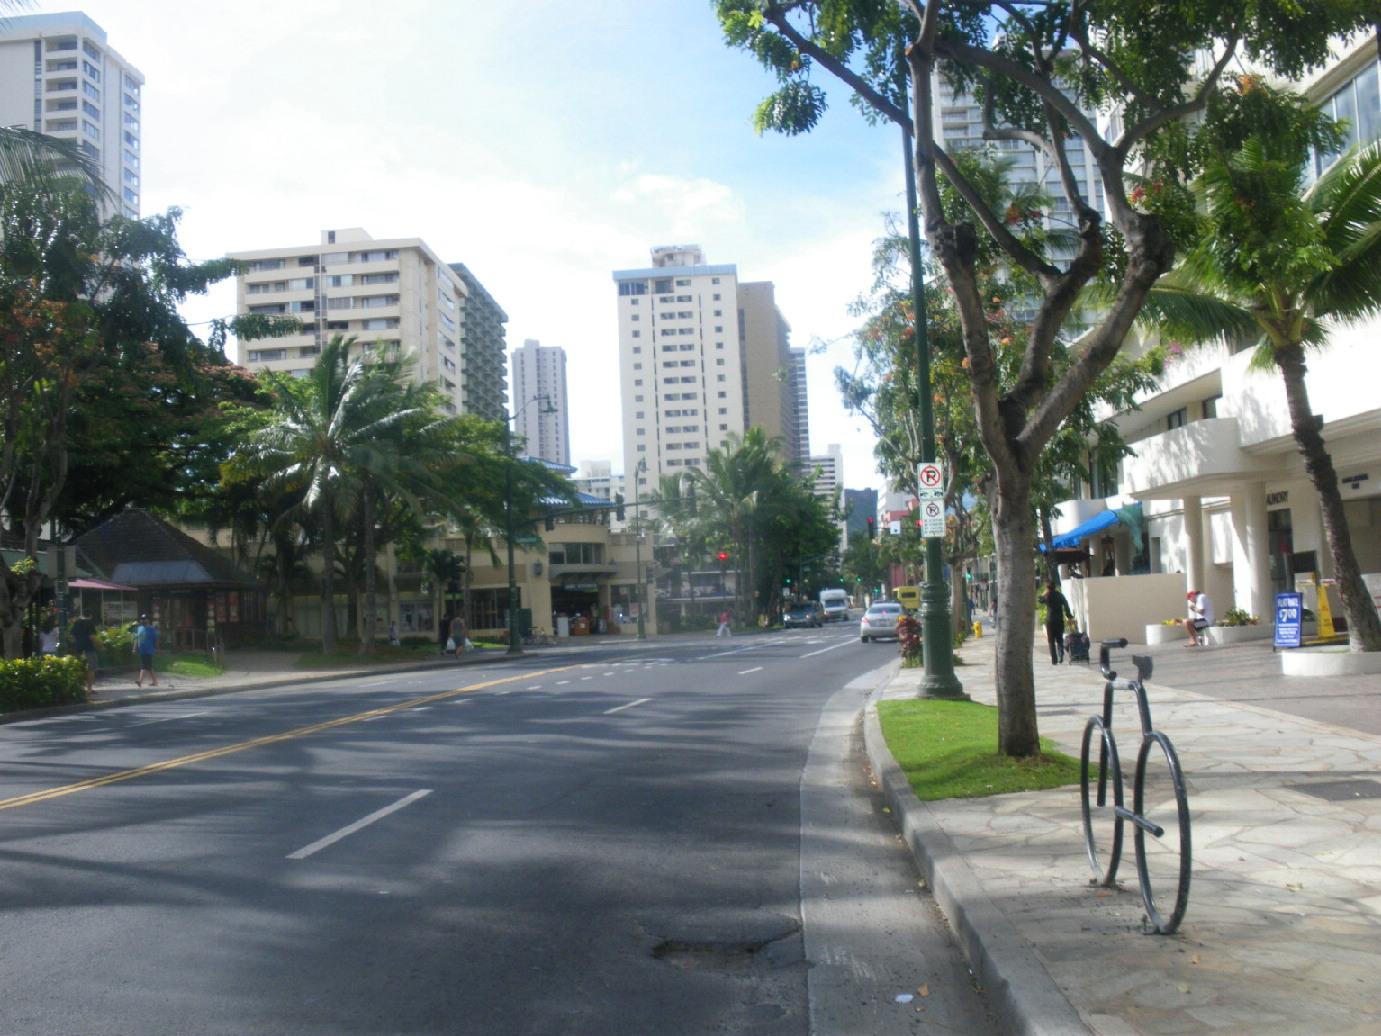 2011 1泊3日HAWAII旅行記~フードパントリー~_f0011498_17443170.jpg